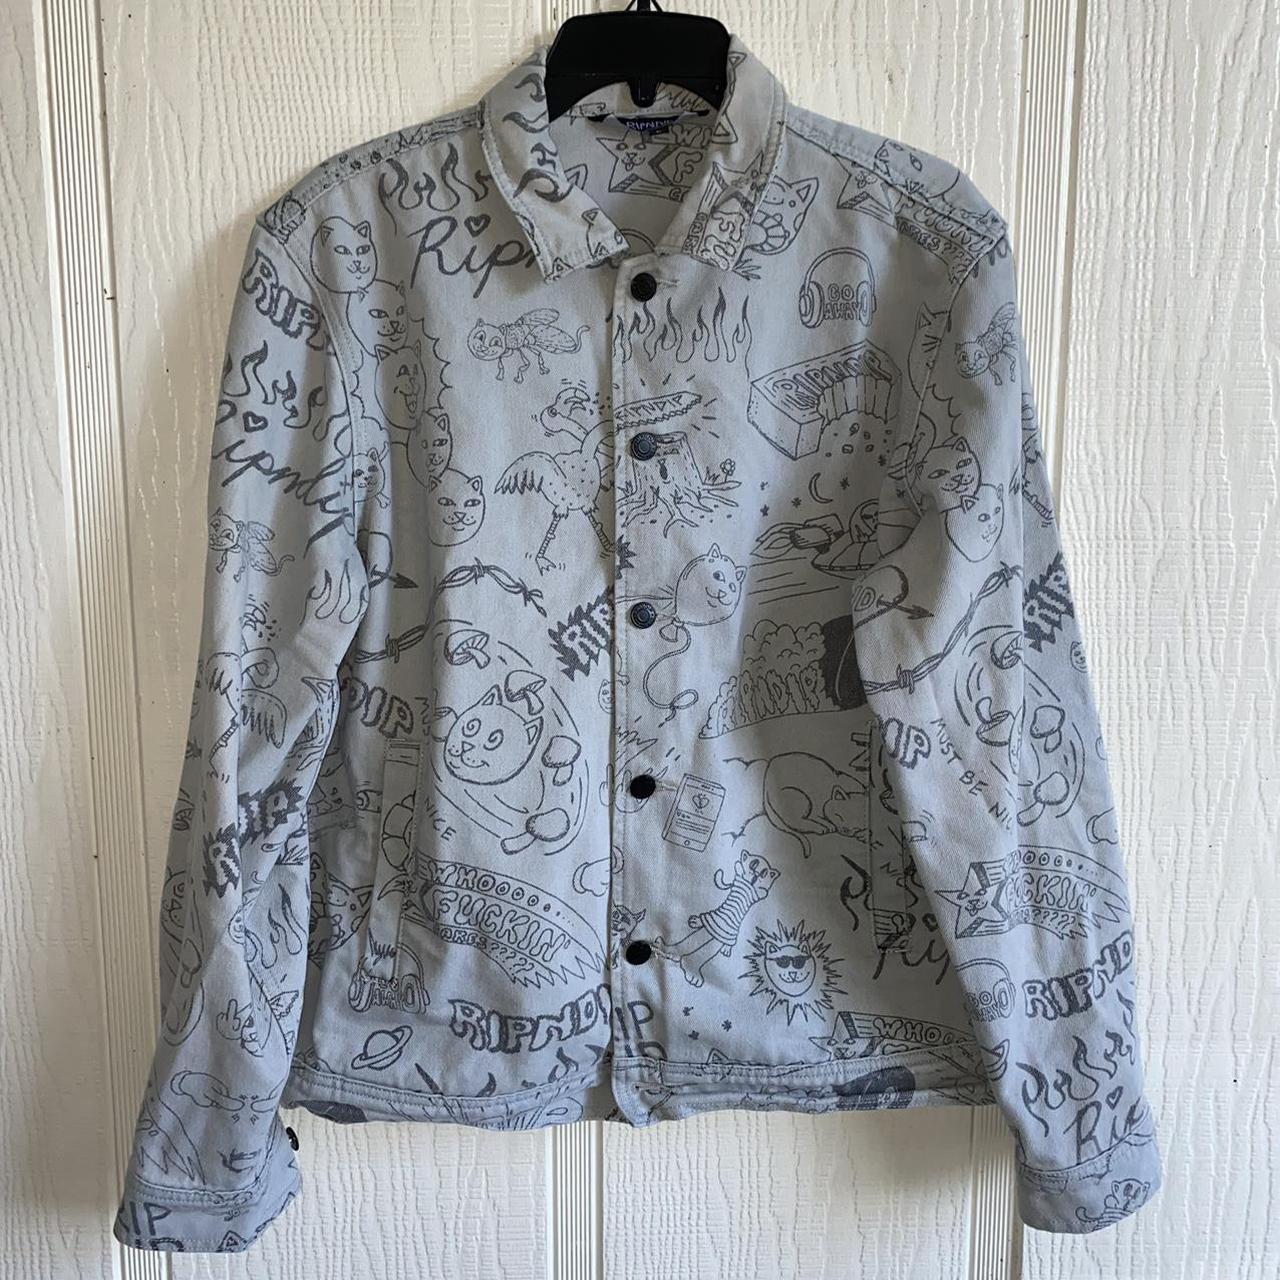 Product Image 1 - Rip n dip sharpie grey